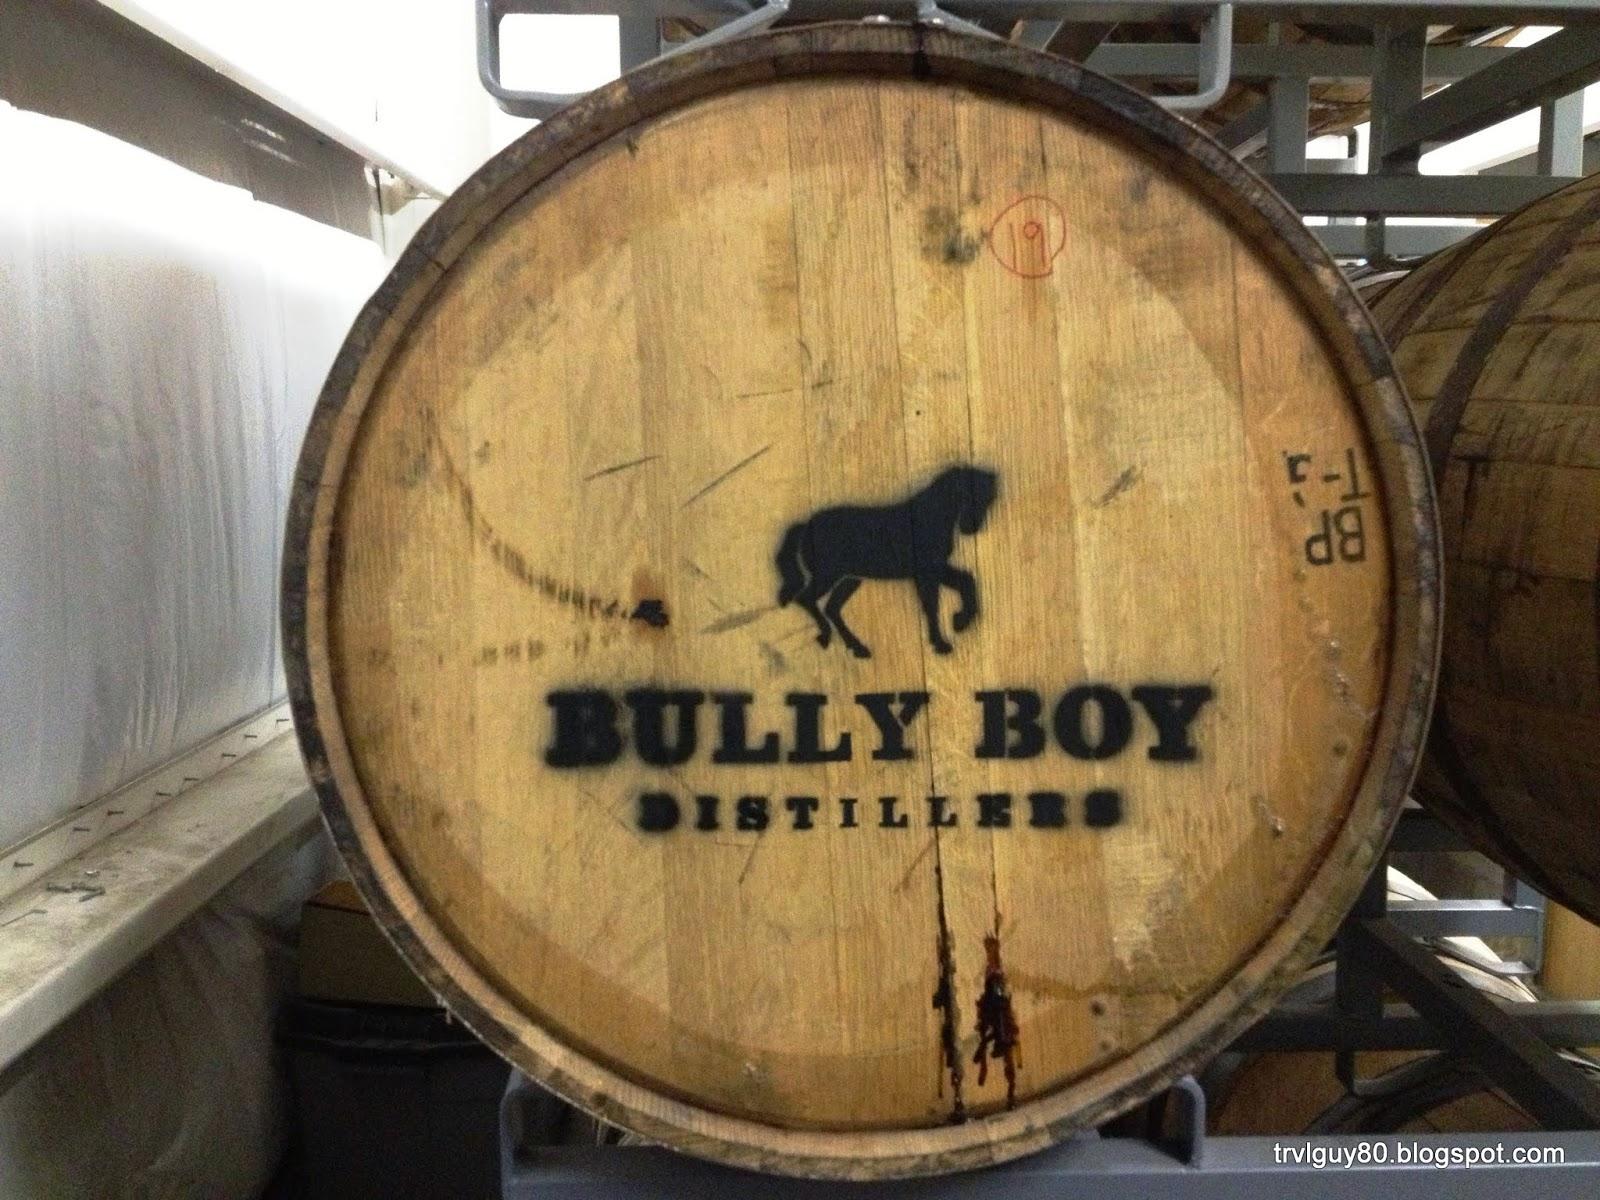 Bully Boy Distillery Tour